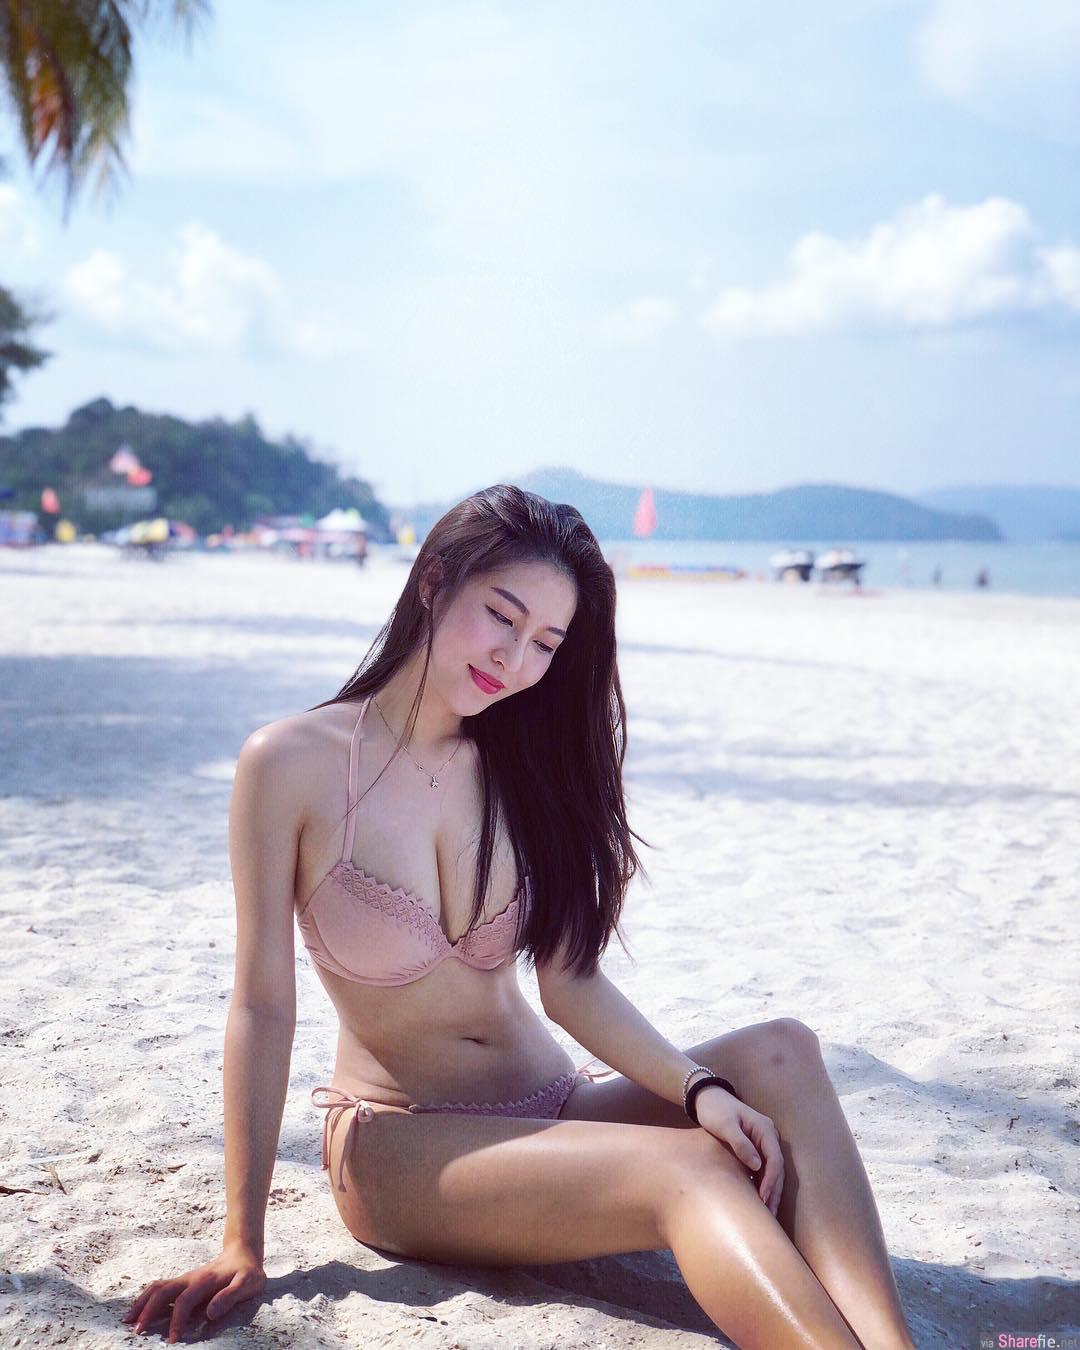 大马正妹Amily kuan,长腿甜姐儿